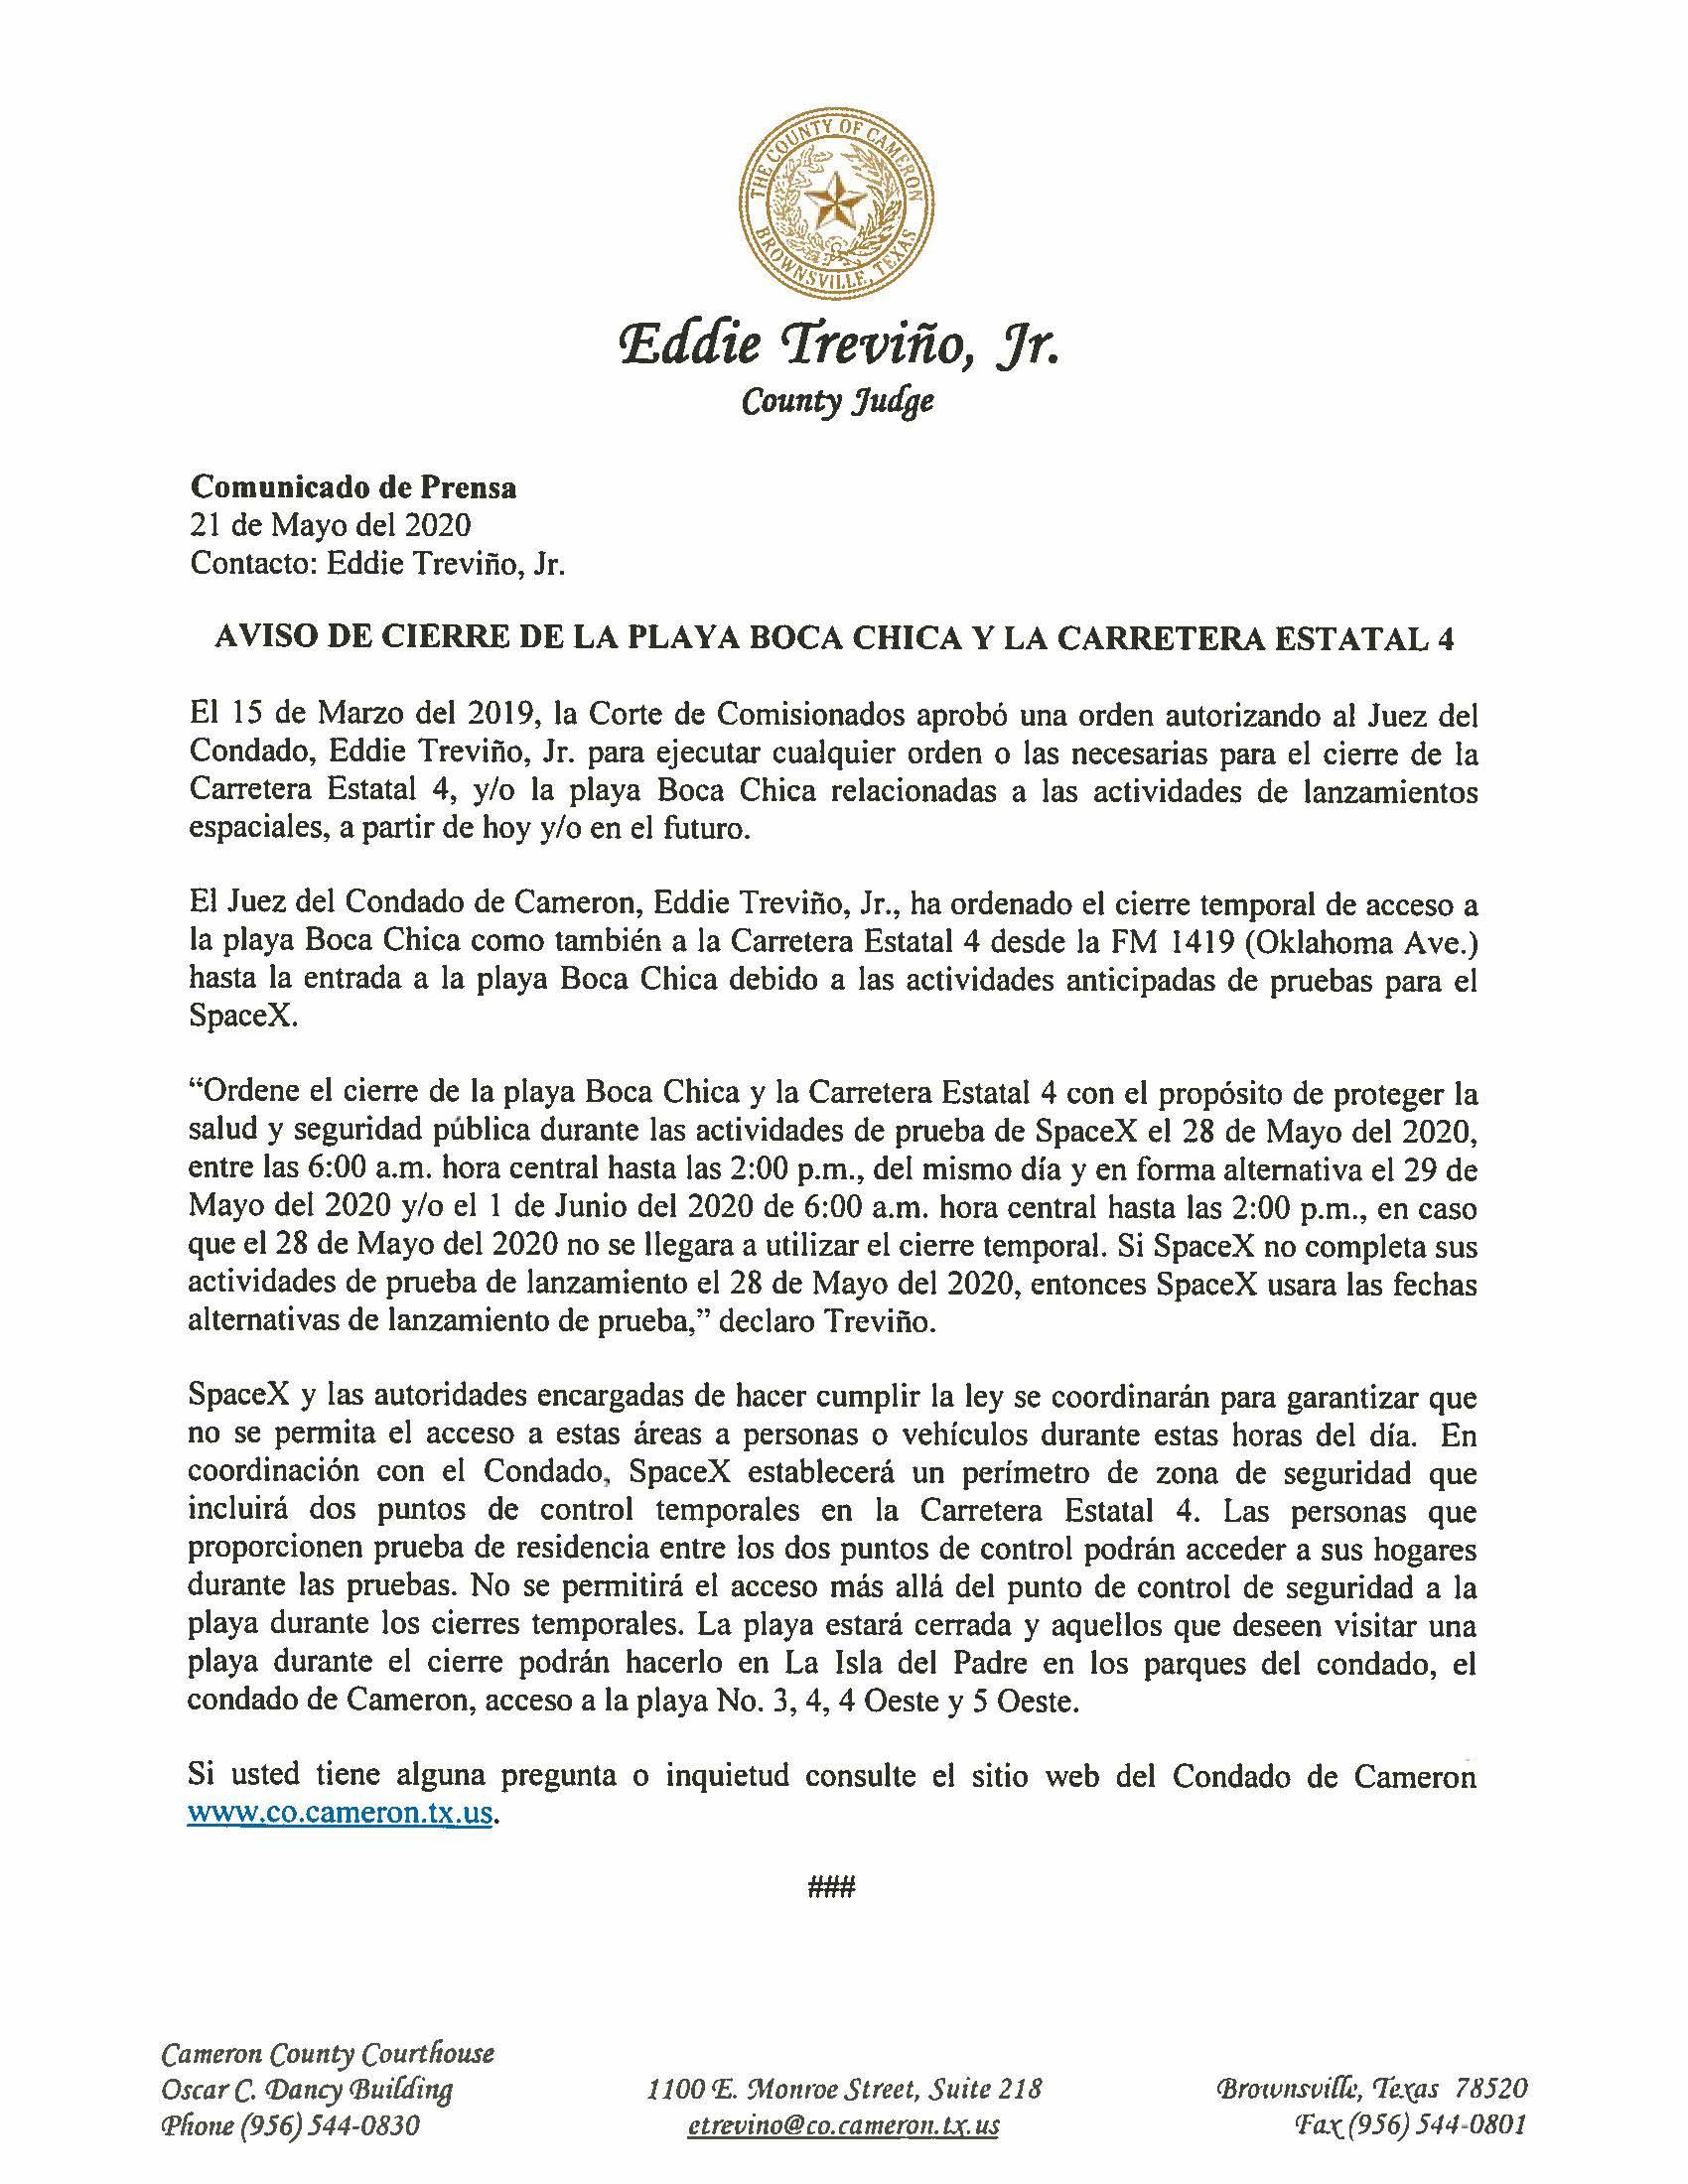 05.21.2020 Comunicado De Prensa Aviso De Cierre De La Playa Boca Chica Y Carretera Estatal 4